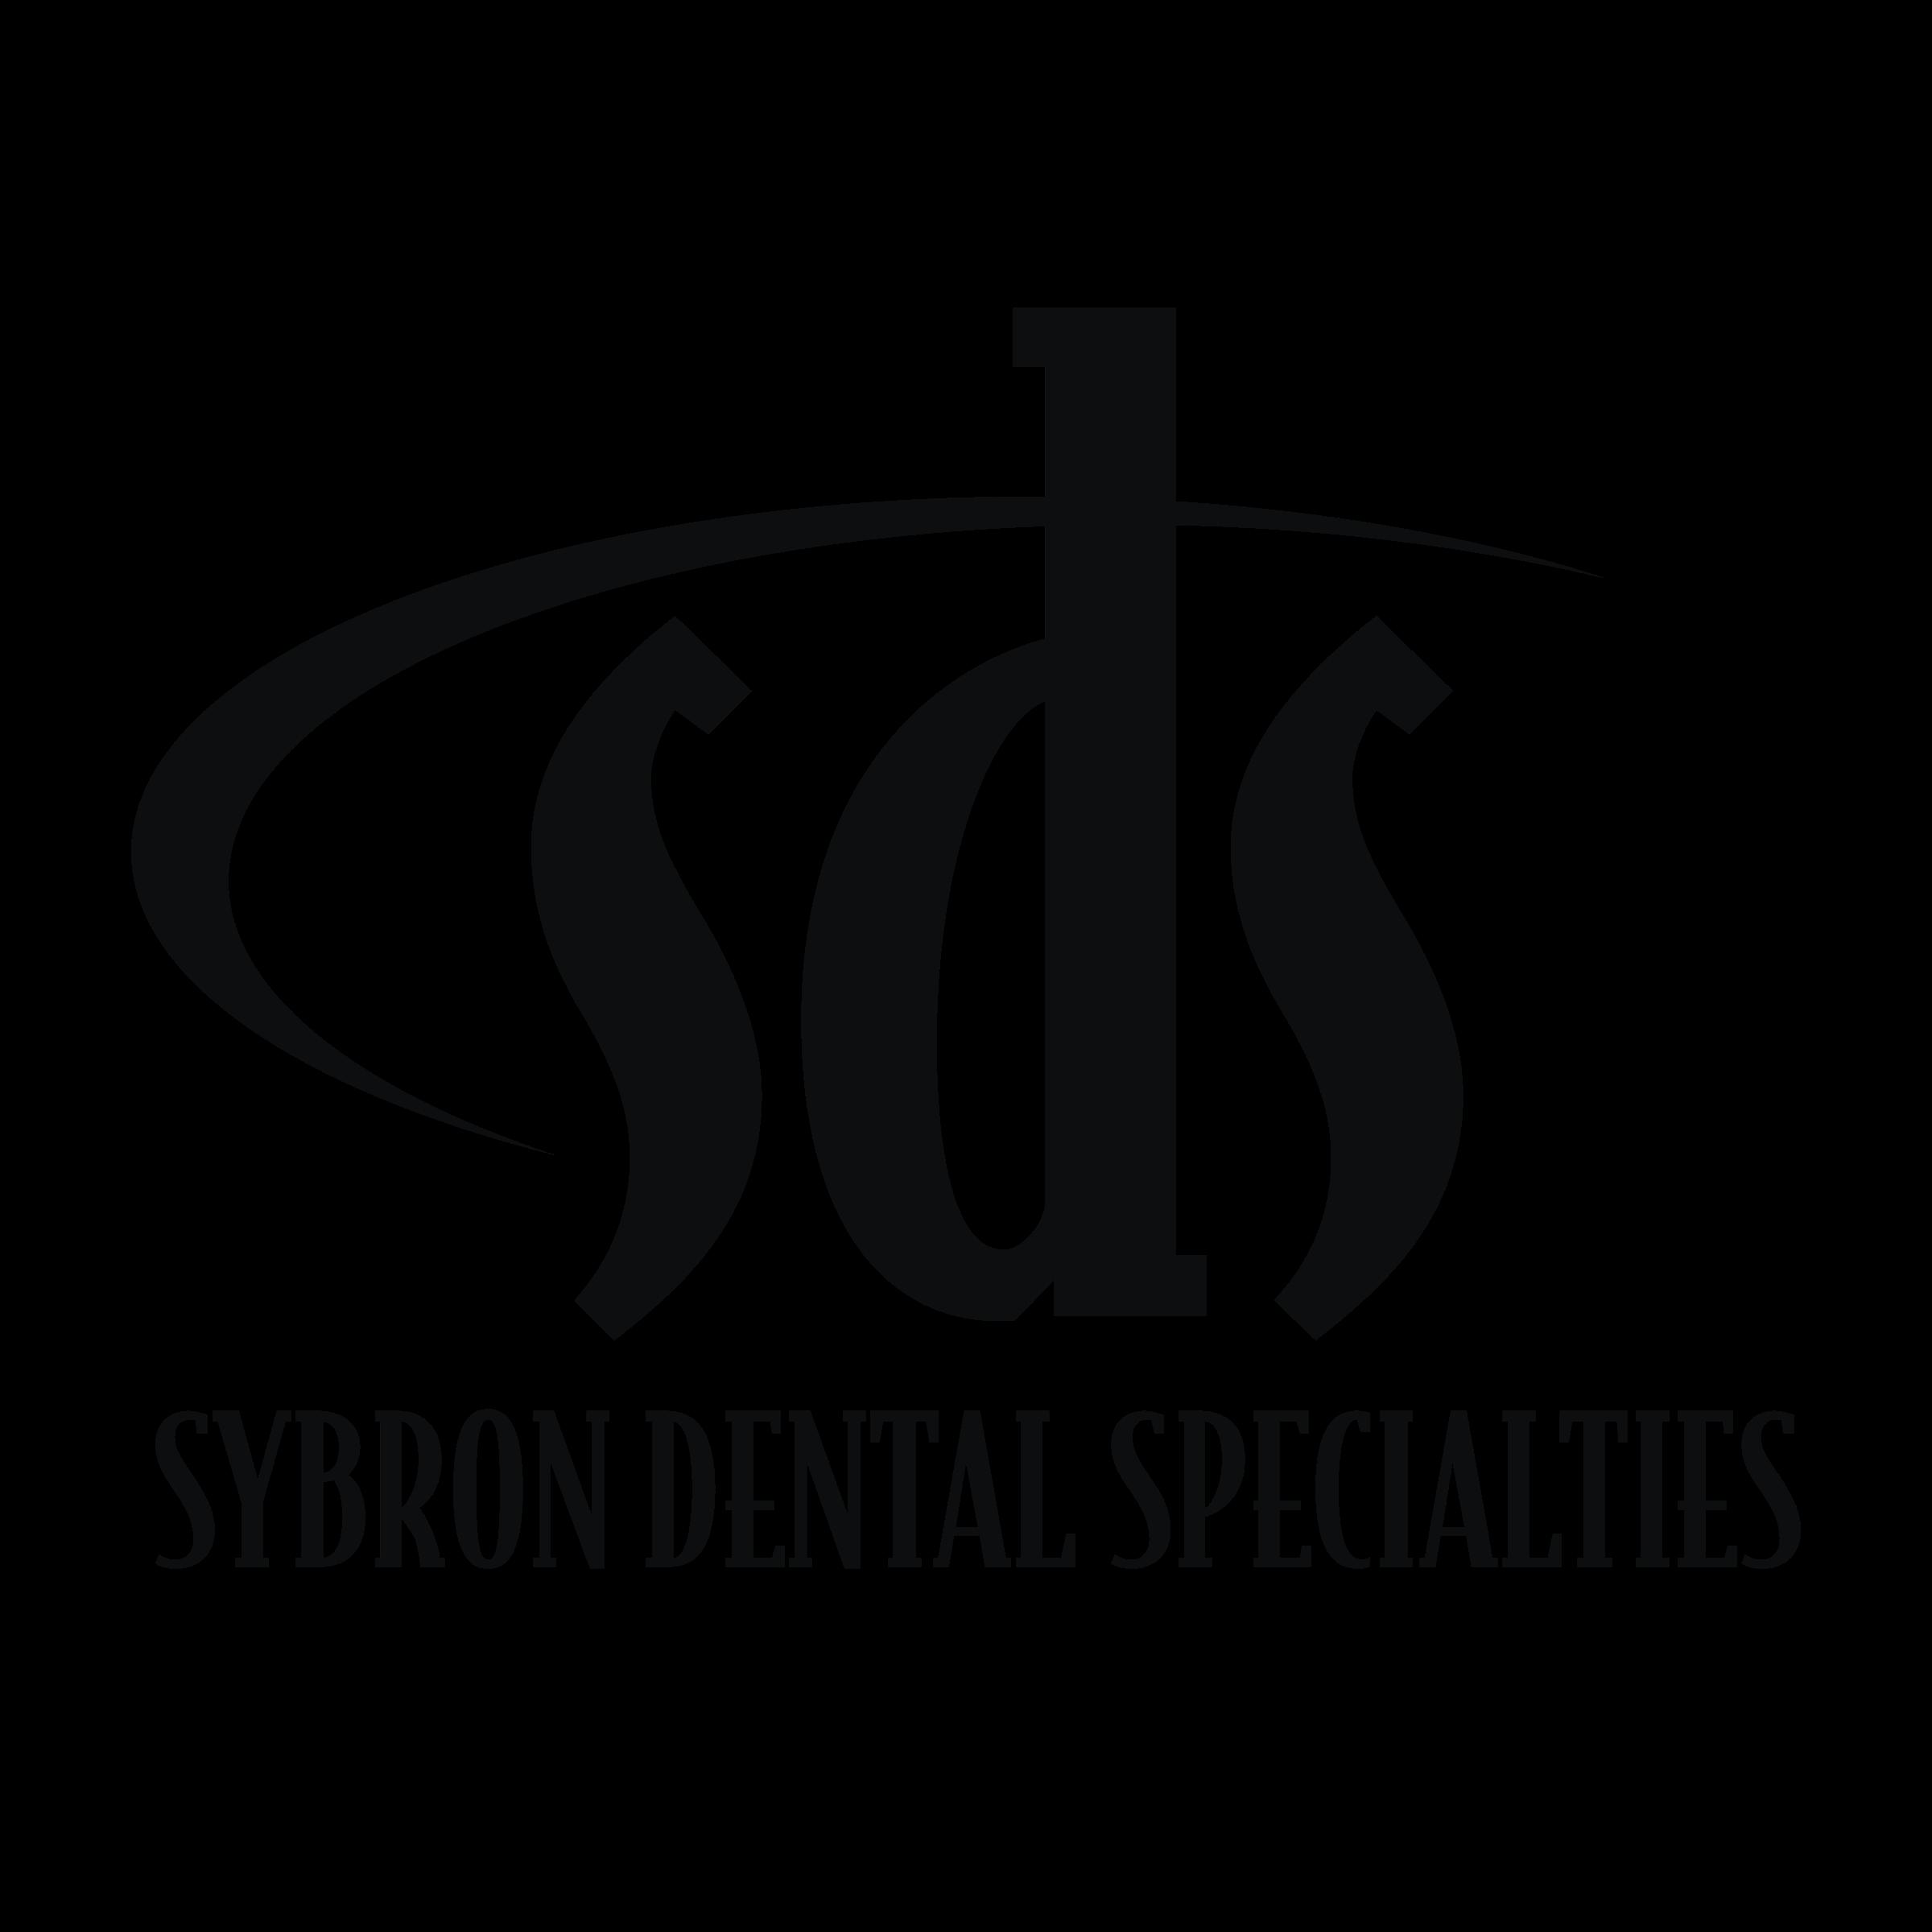 sds-1-logo-png-transparent.png